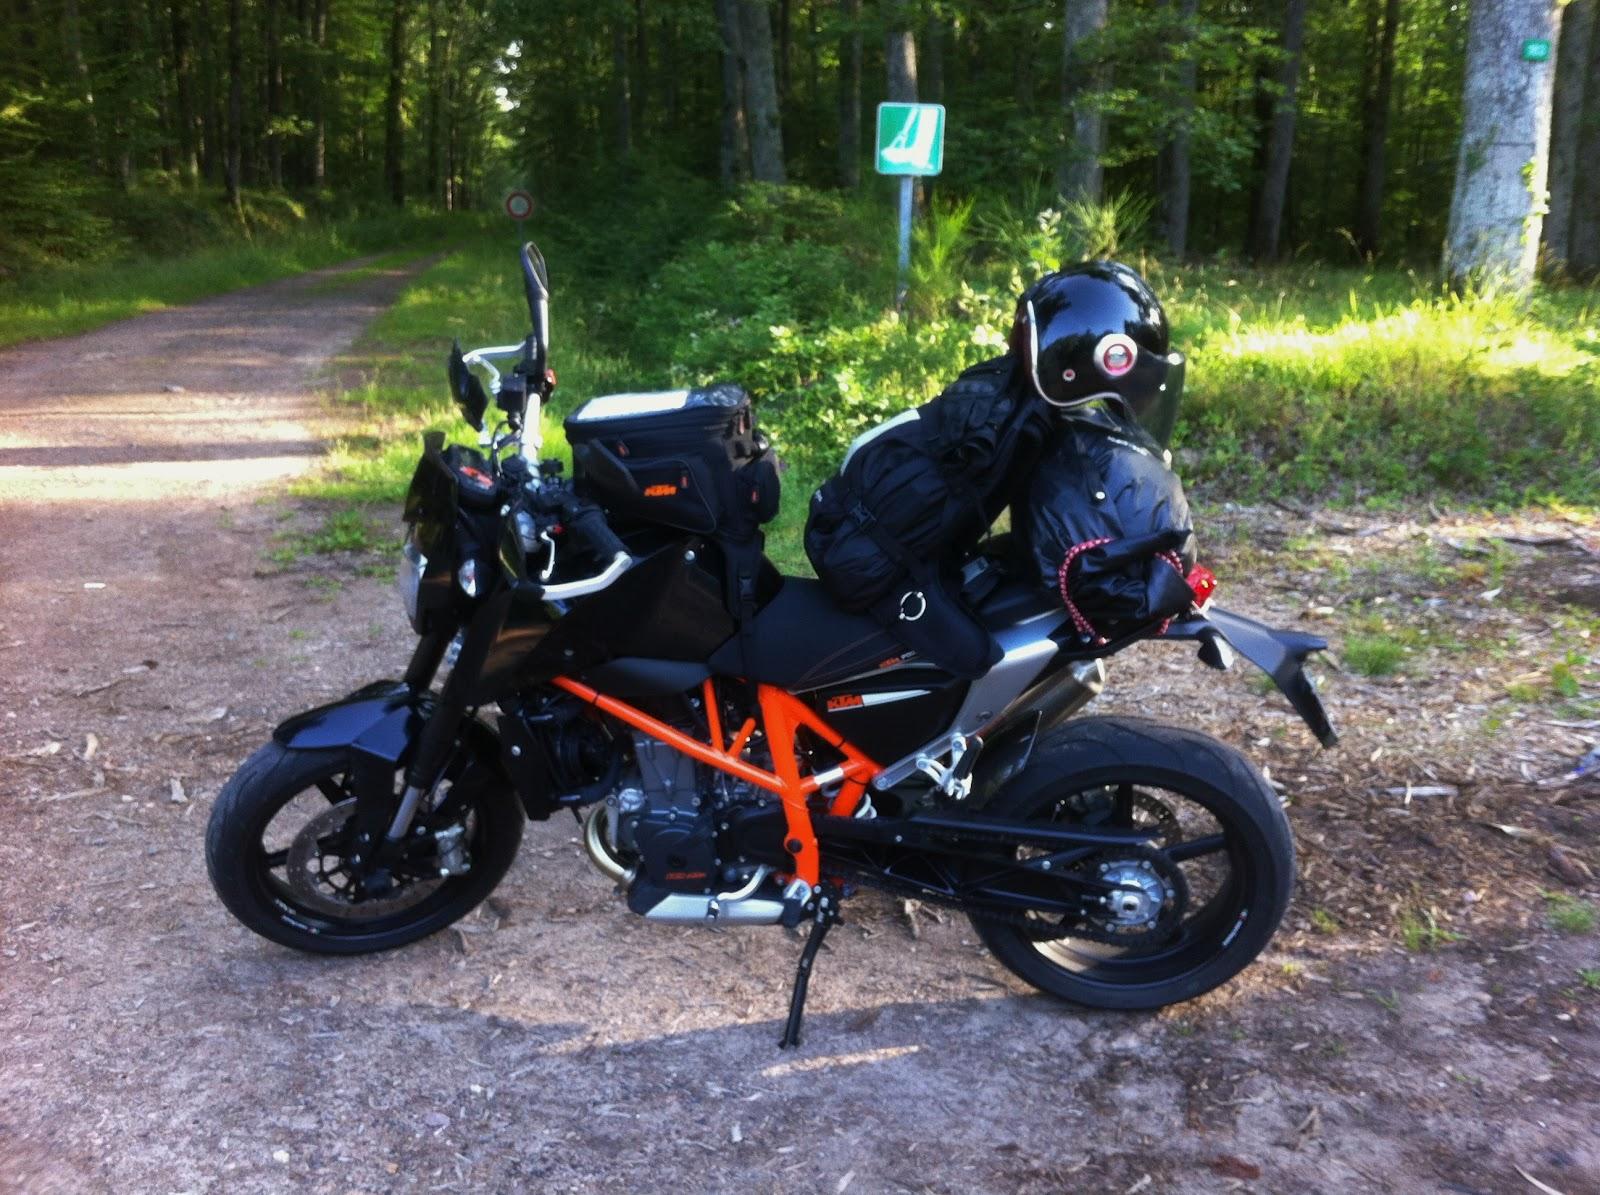 Ktm Duke Bike Stunts Ktm 690 Duke Stunt Bike